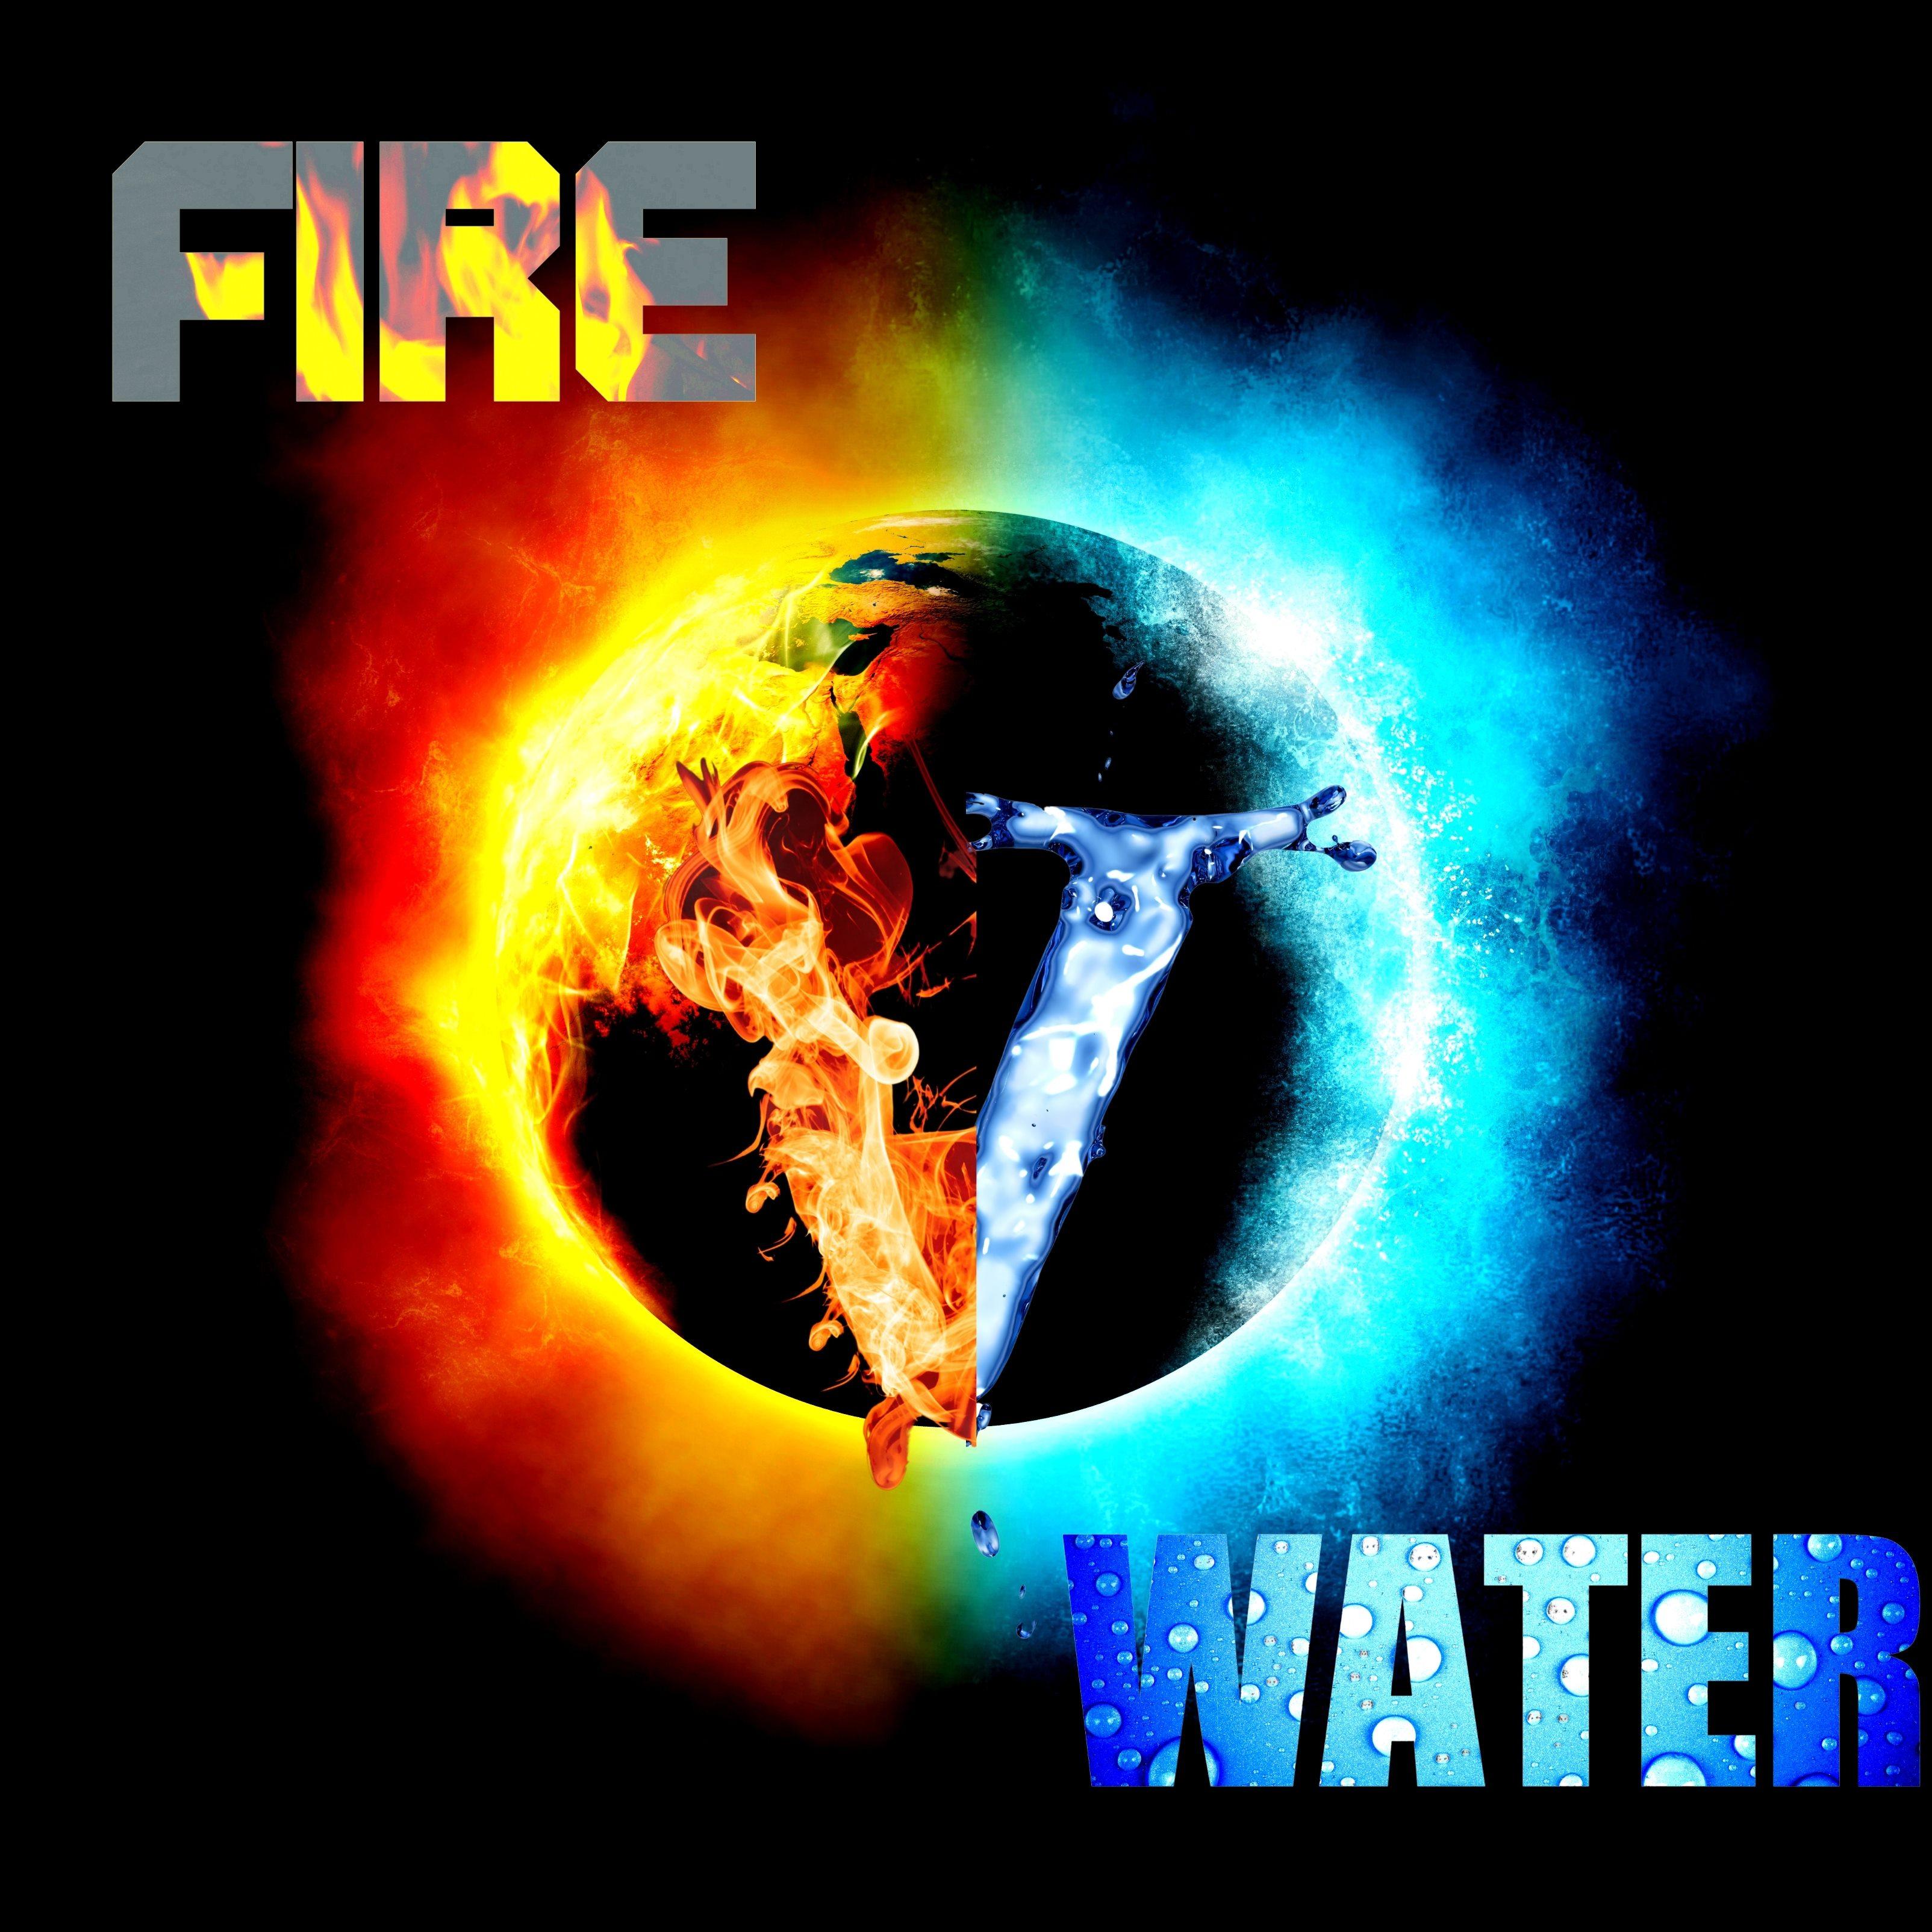 iPad Wallpapers Fire vs Water iPad Wallpaper 3208x3208 px